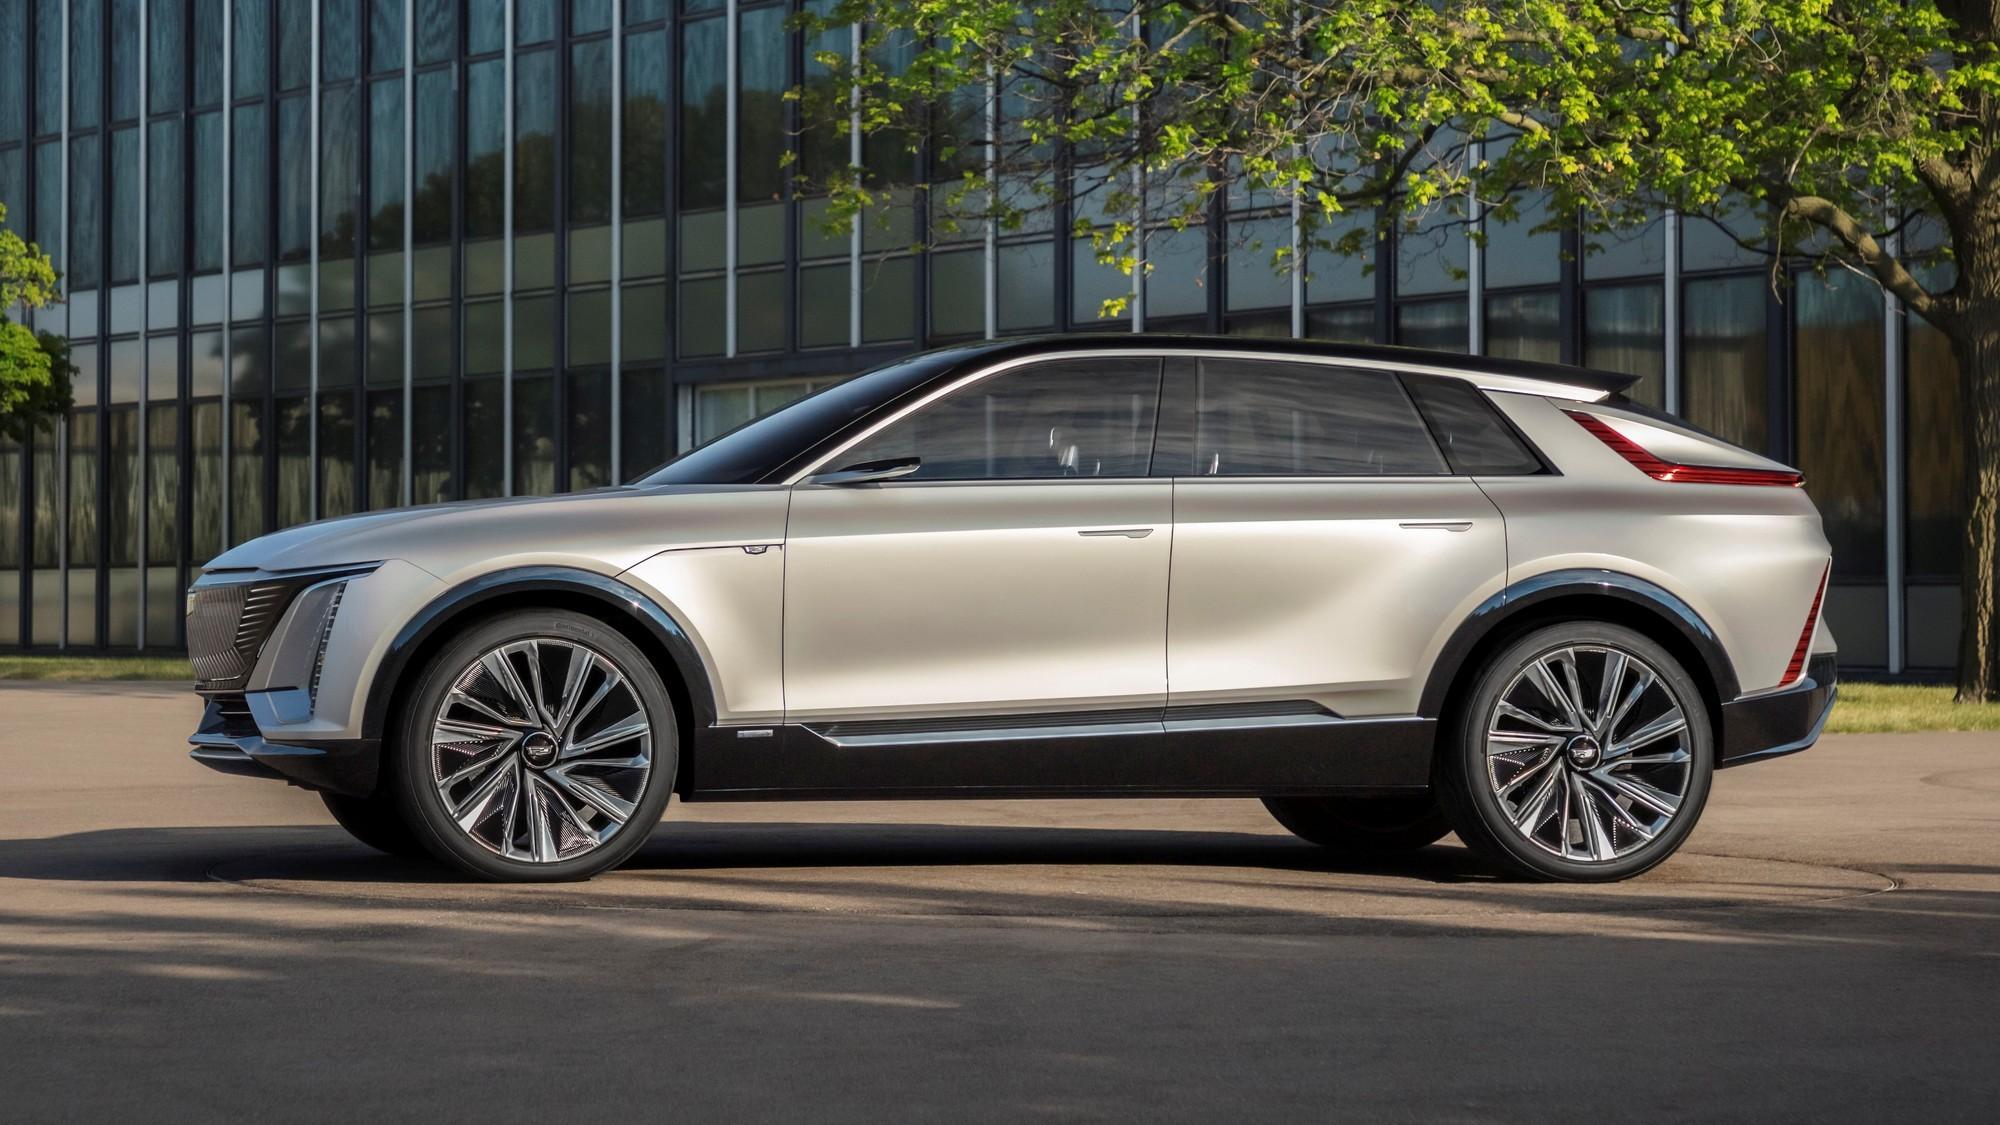 В будущее возьмут не всех: GM избавляется от дилеров, не желающих торговать электромобилями